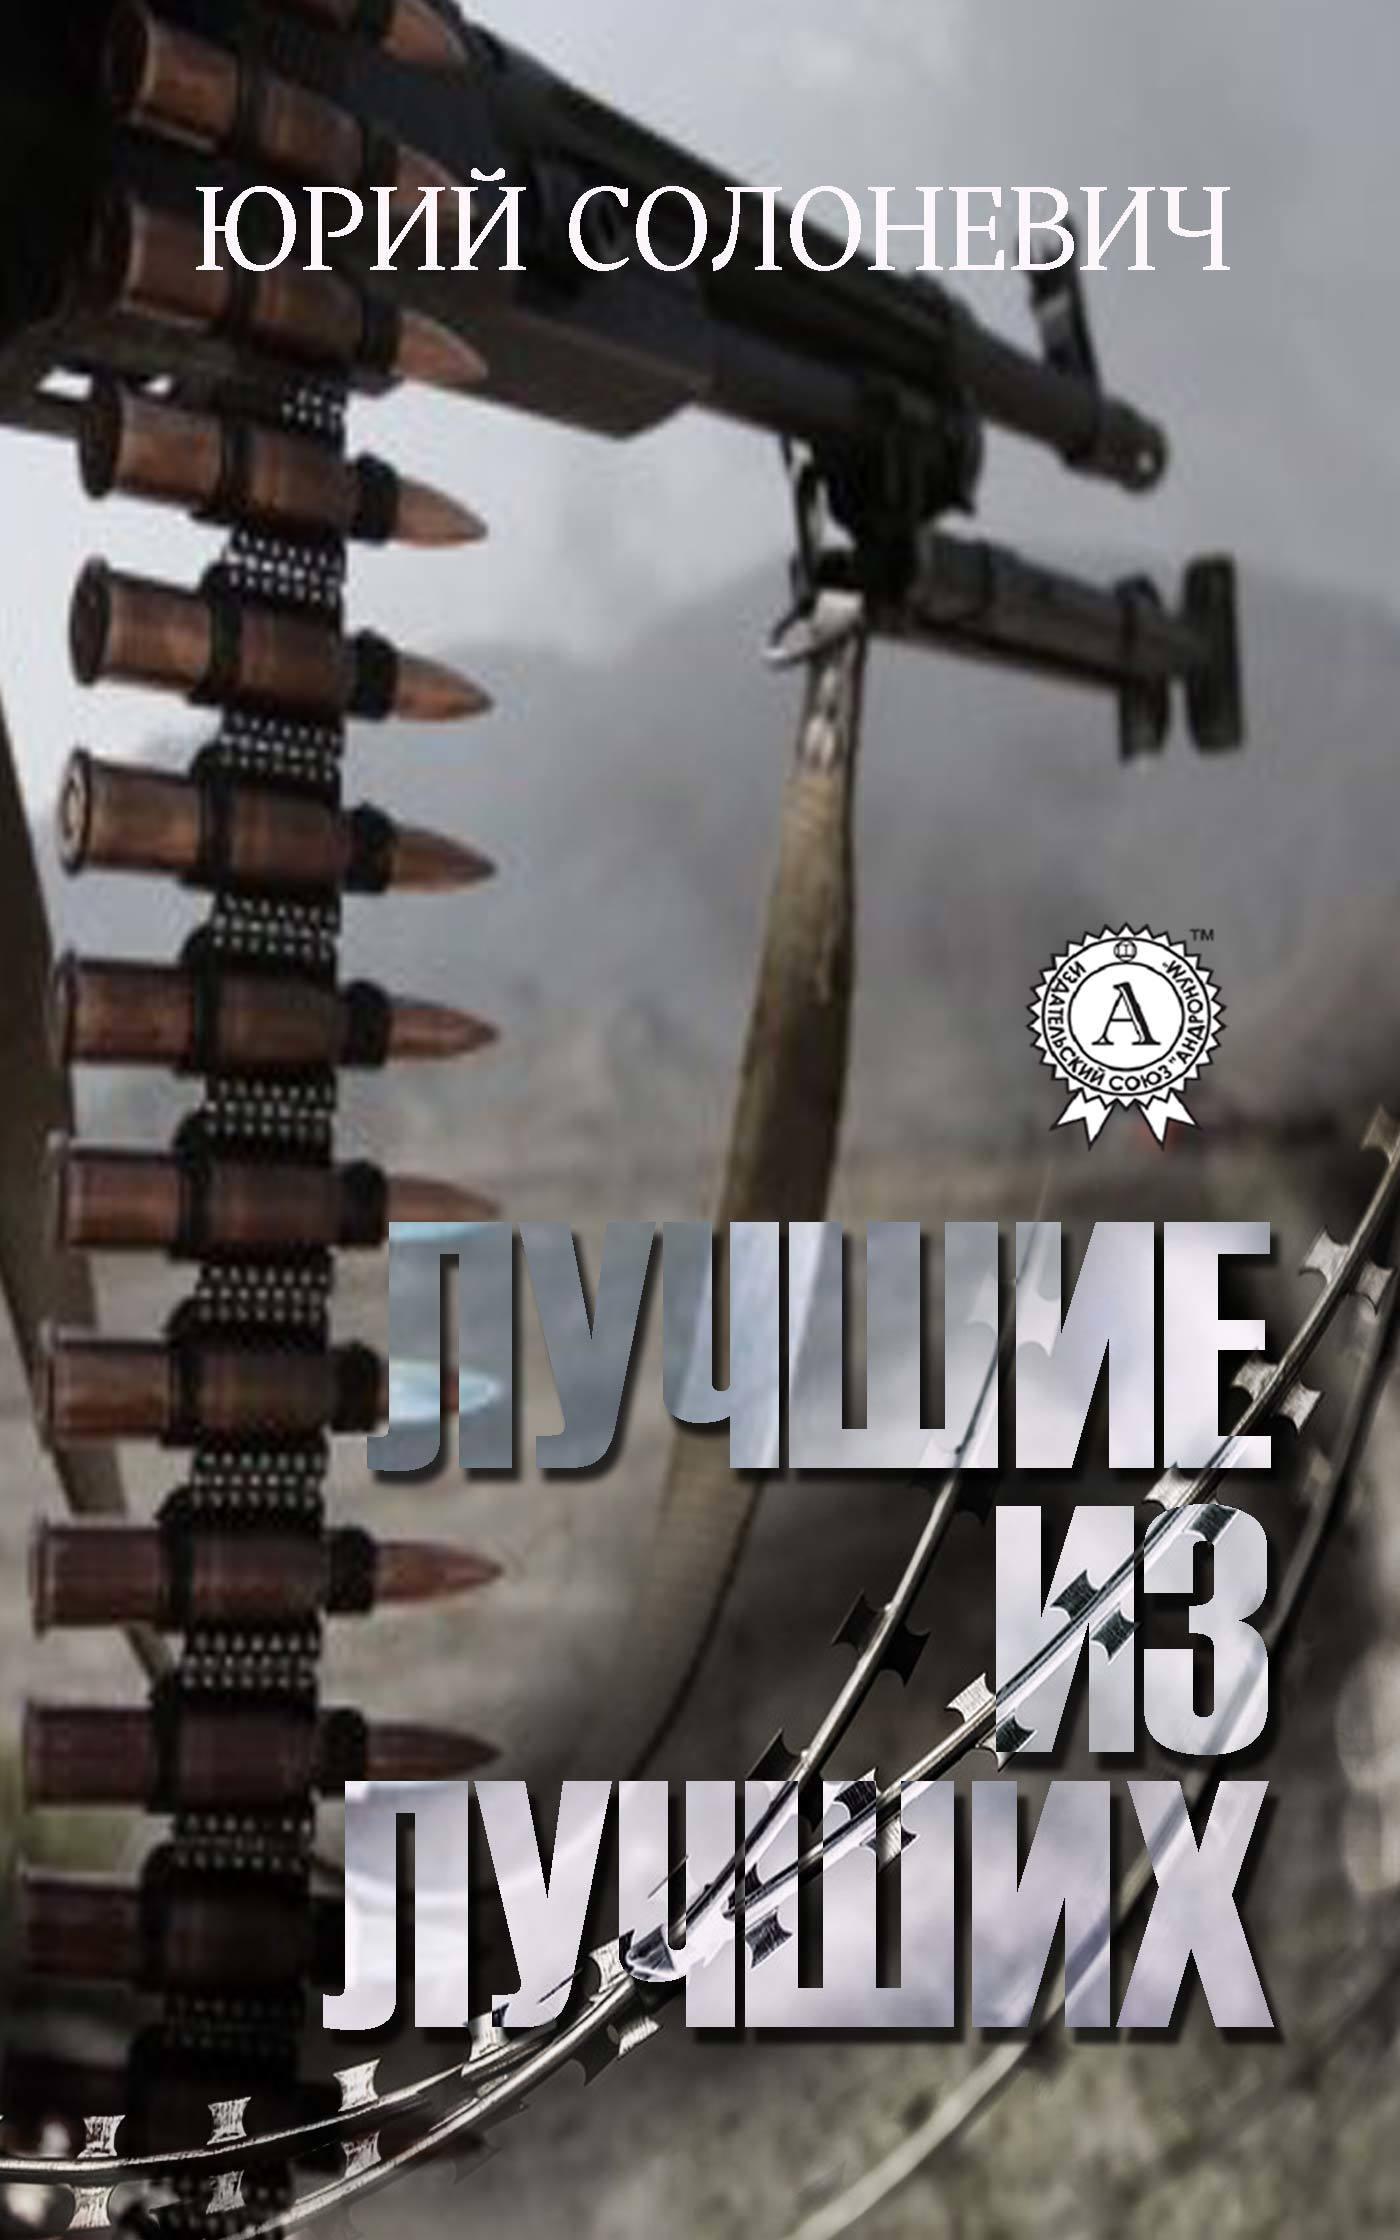 Юрий Солоневич Лучшие из лучших андрей углицких соловьиный день повесть isbn 9785448399909